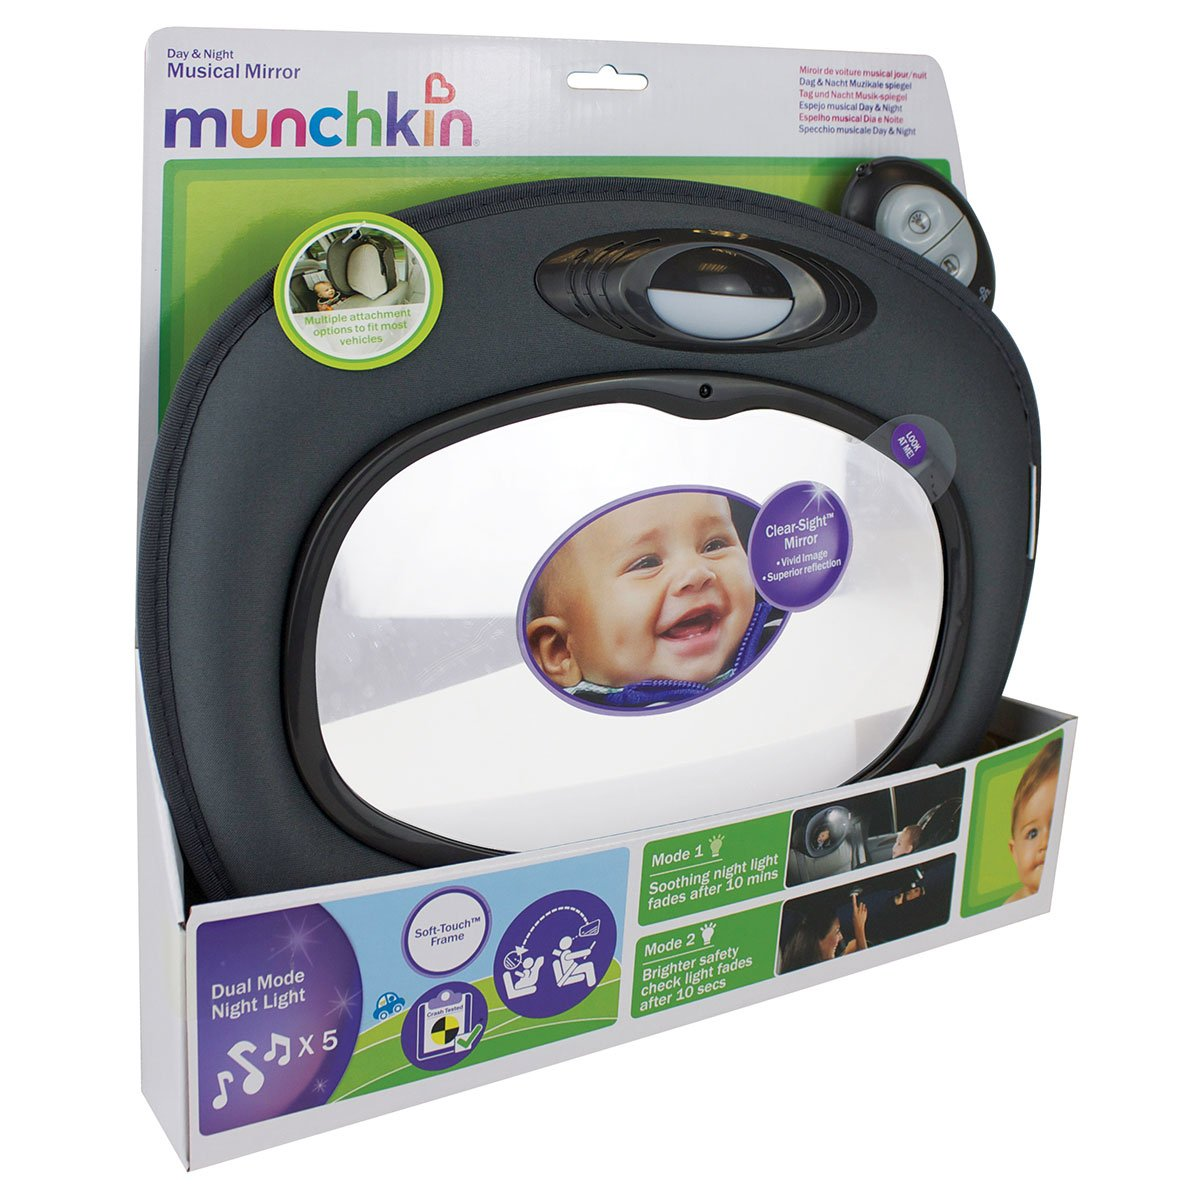 Munchkin - Espejo musical con luz Day & Night